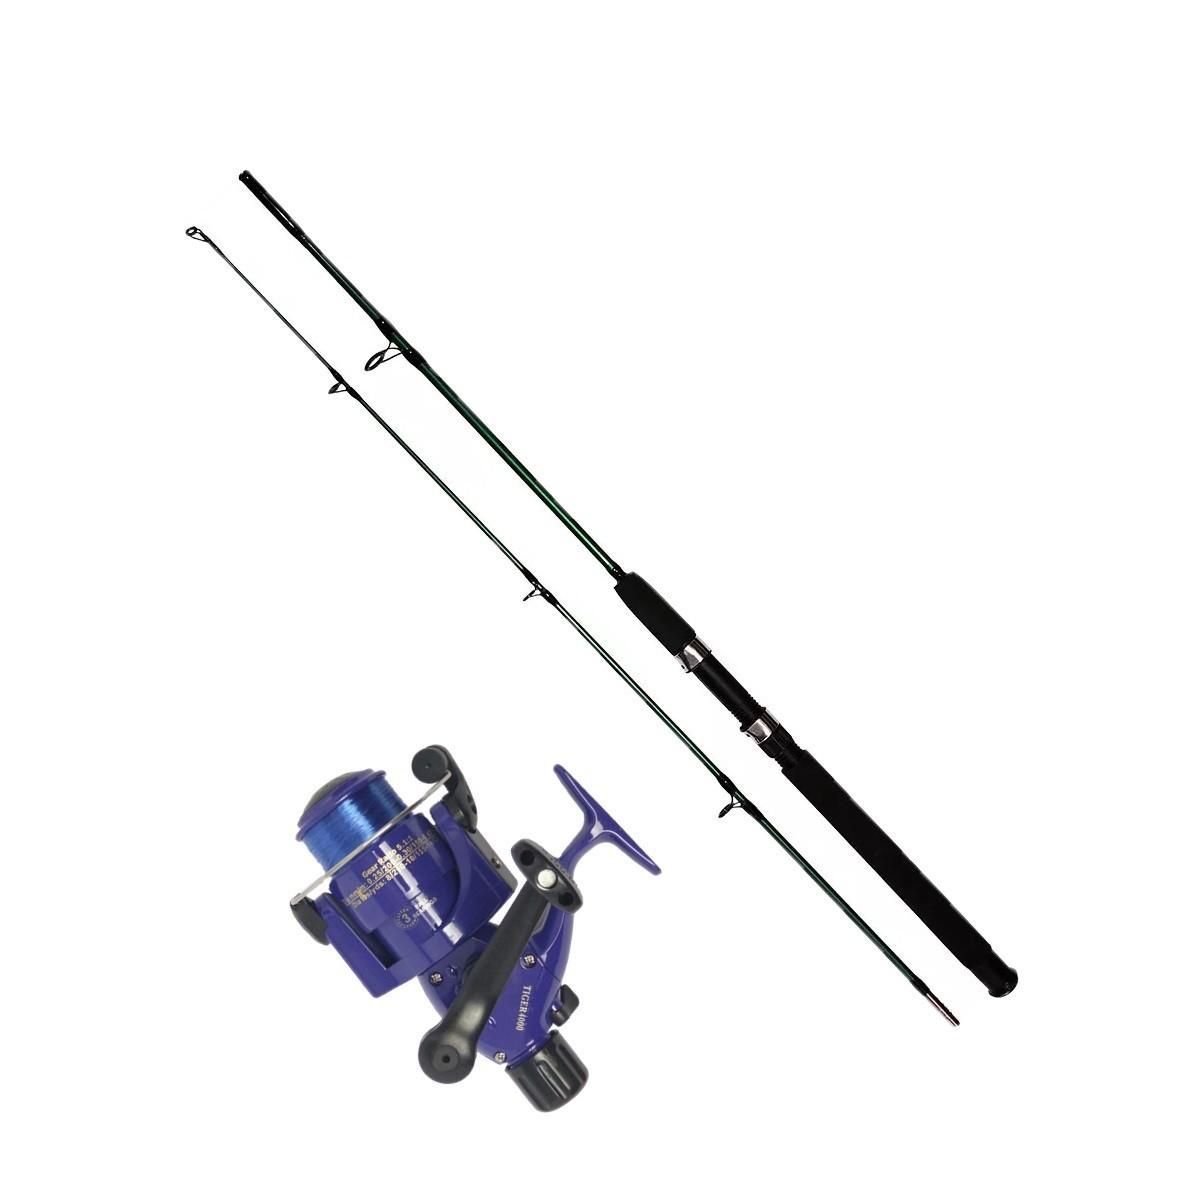 Vara De Pesca Completa 1,70m Molinete 4000 3 Rolamento Linha